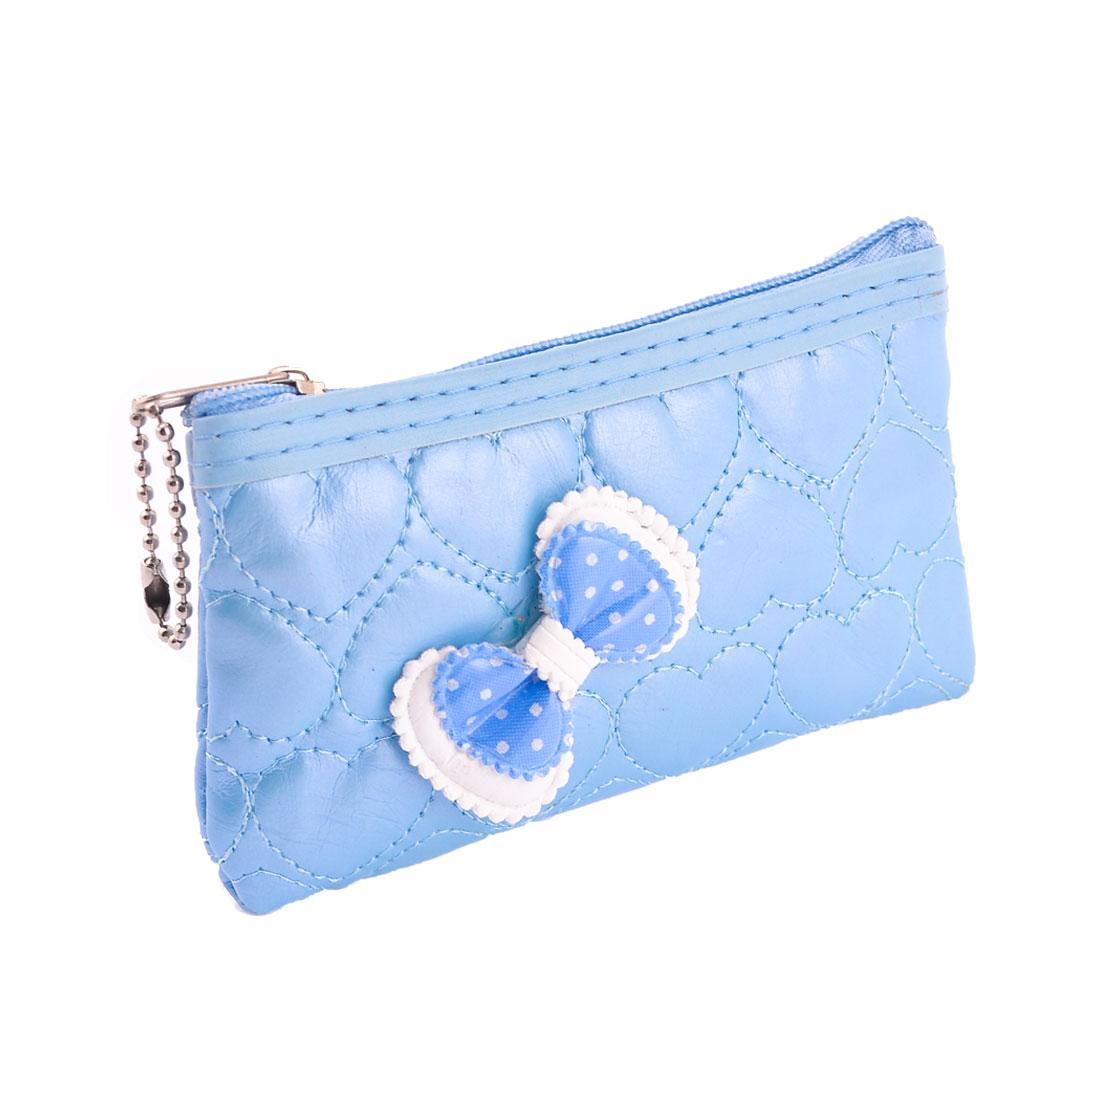 Light Blue Bowknot Decor Zipper Closure Change Coins Purse Pouch for Women